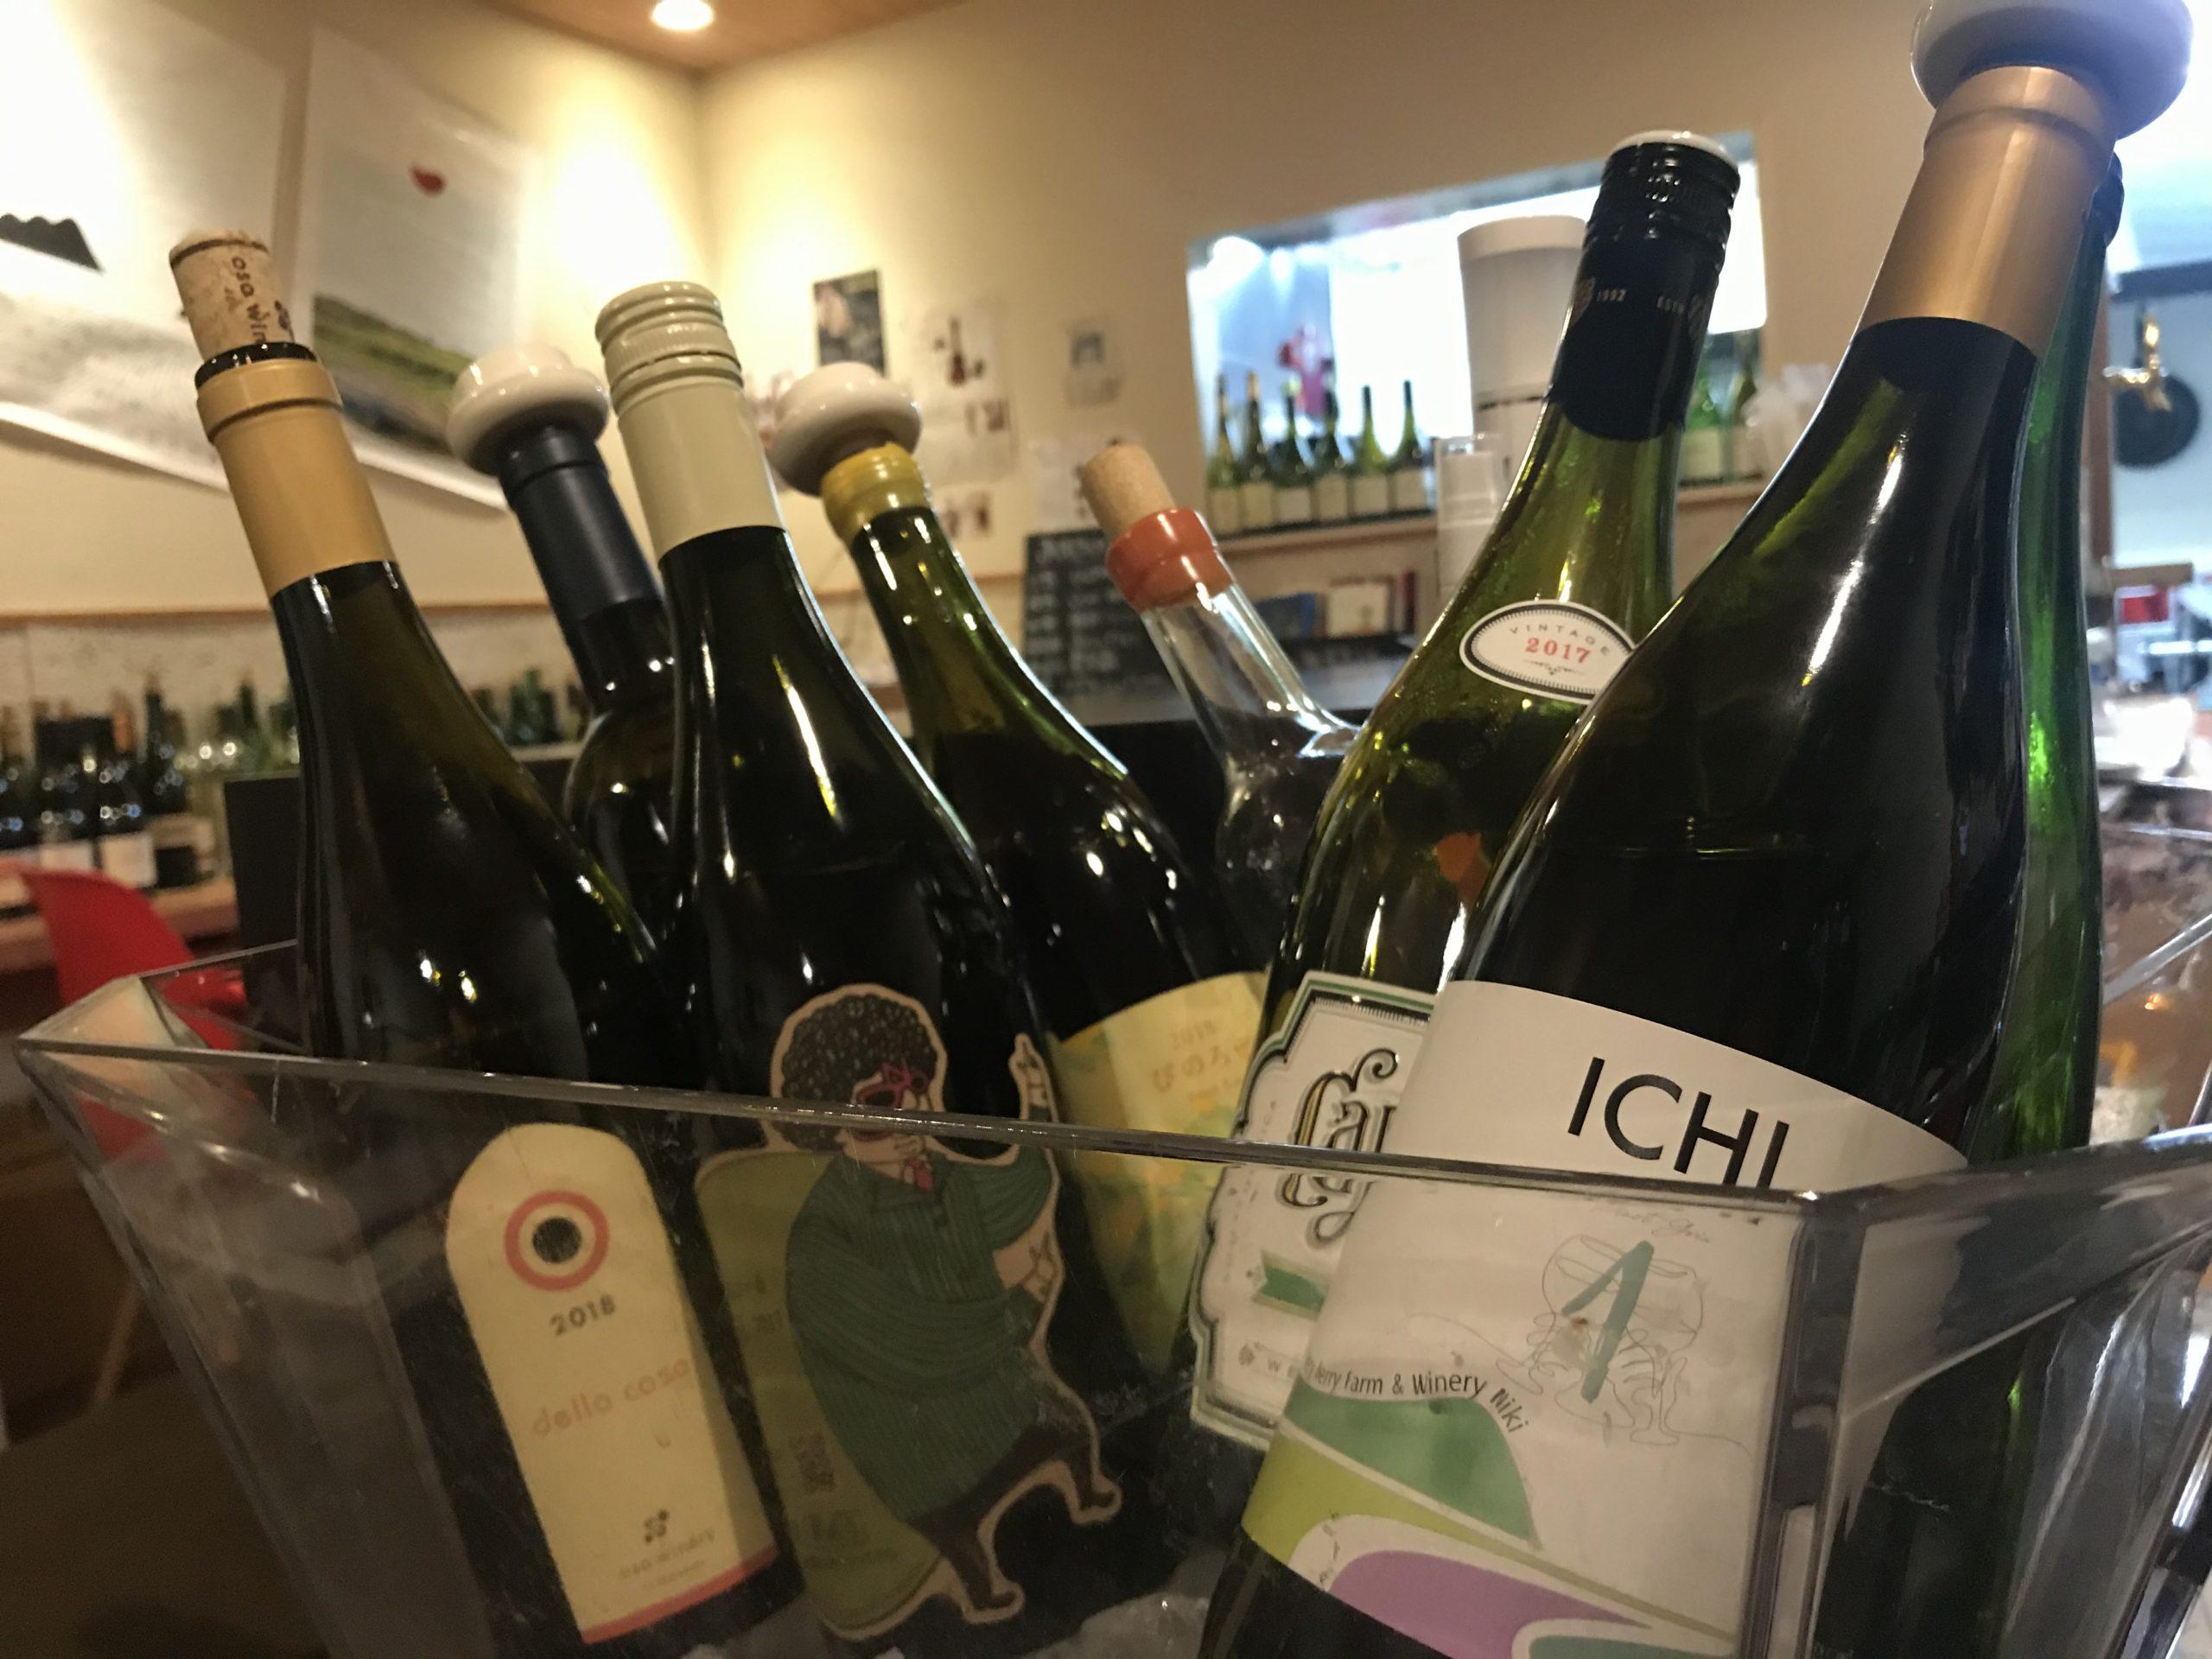 【「さきめし/ごちめし」人気店を紹介!】北海道「道産ワイン応援団 winecafé veraison(ヴェレゾン)」